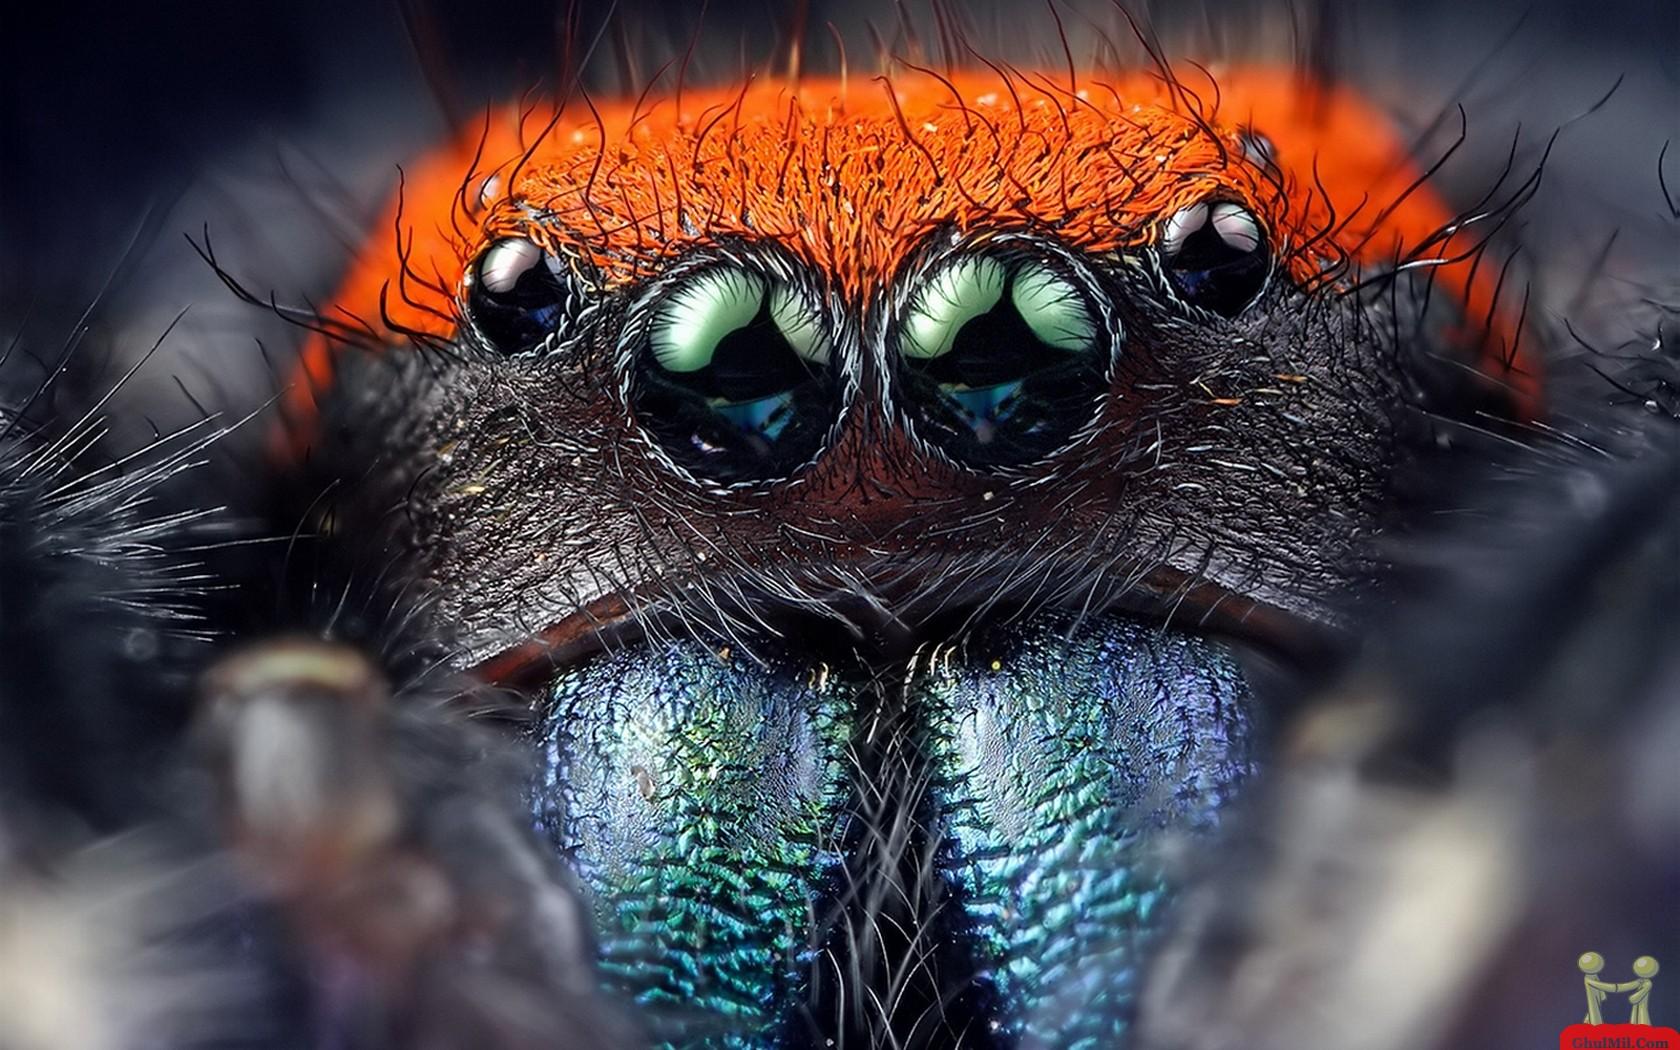 HD Spider Wallpaper - WallpaperSafari